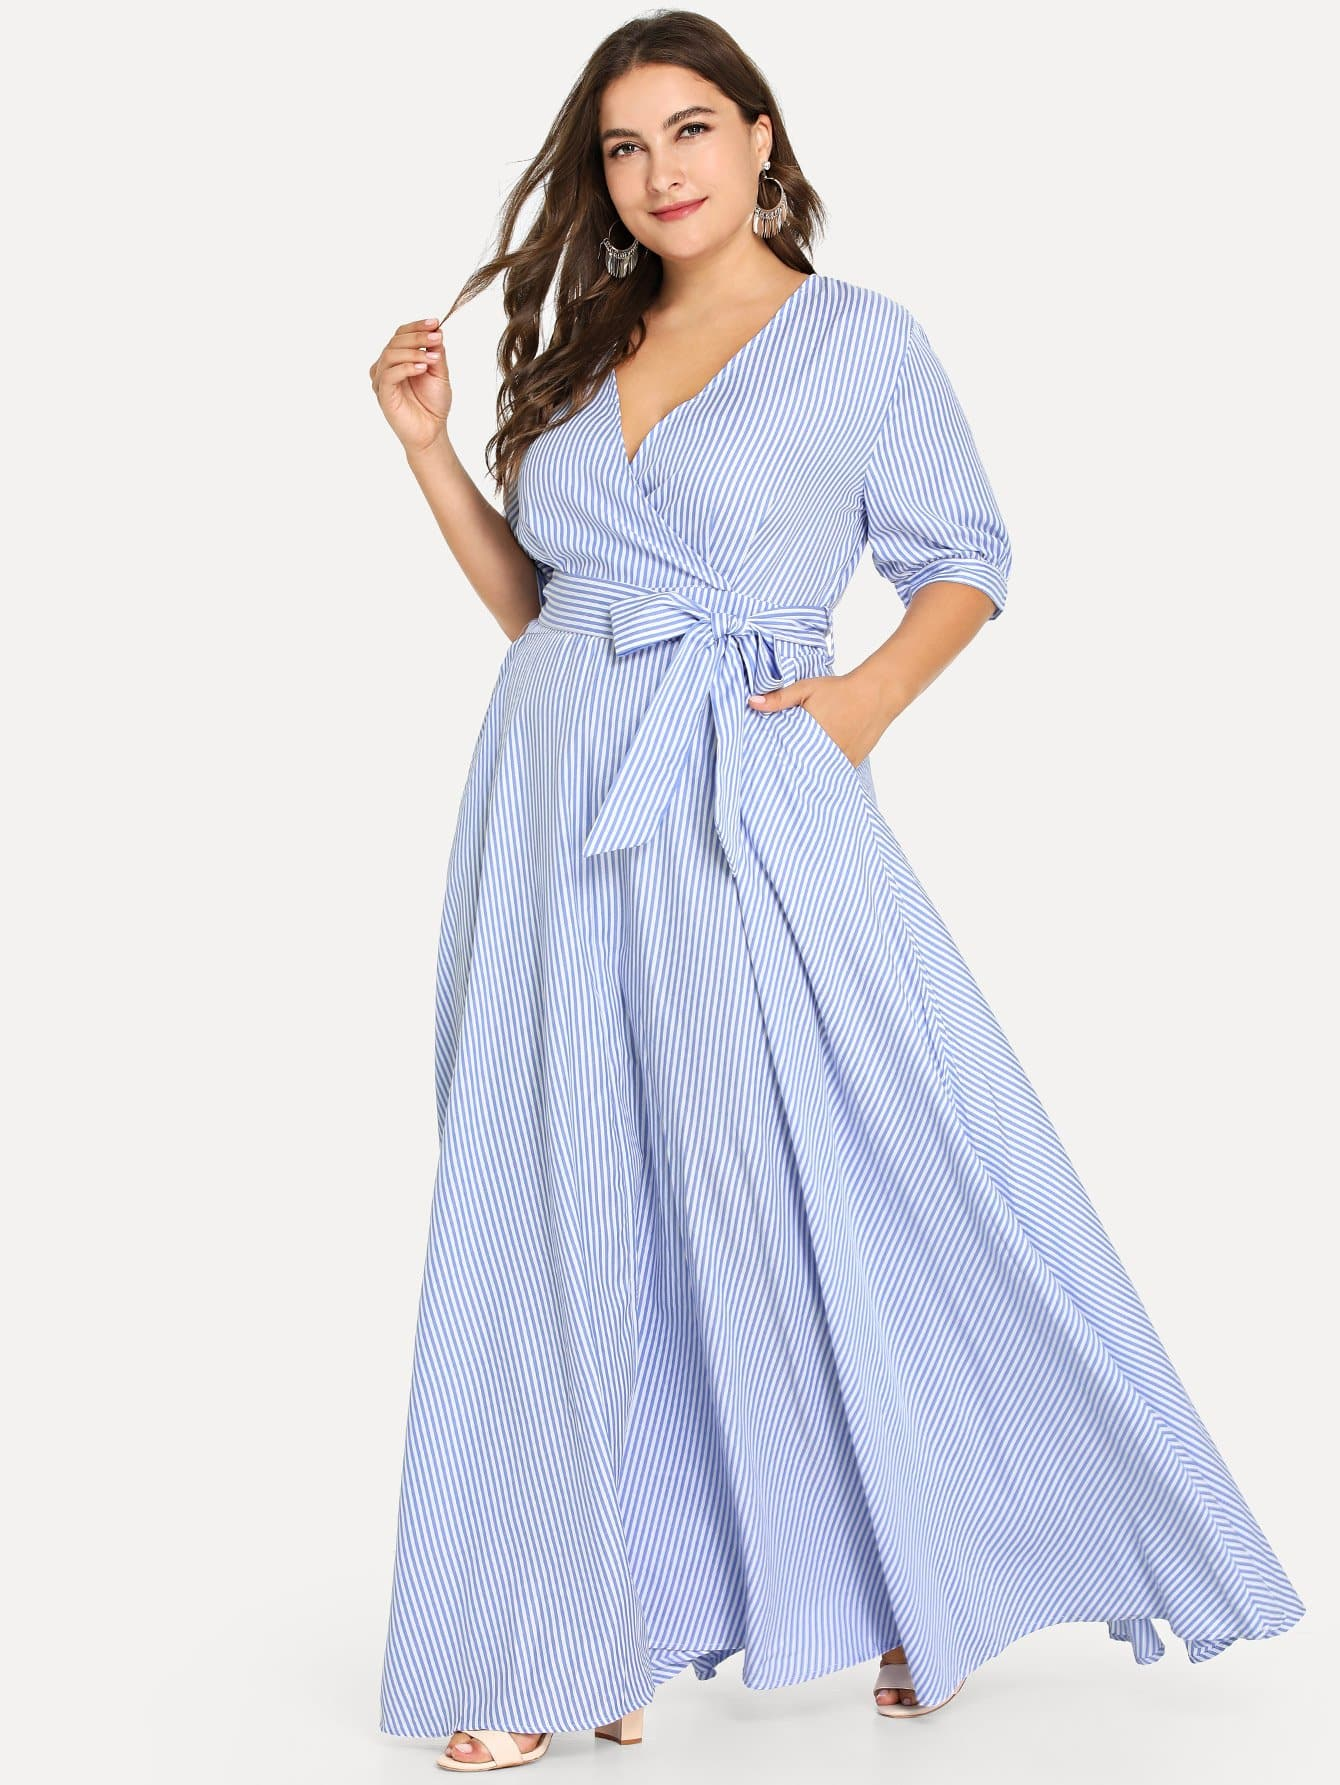 Купить Плюс размеры опоясанное полосатое платье с запахом, Franziska, SheIn